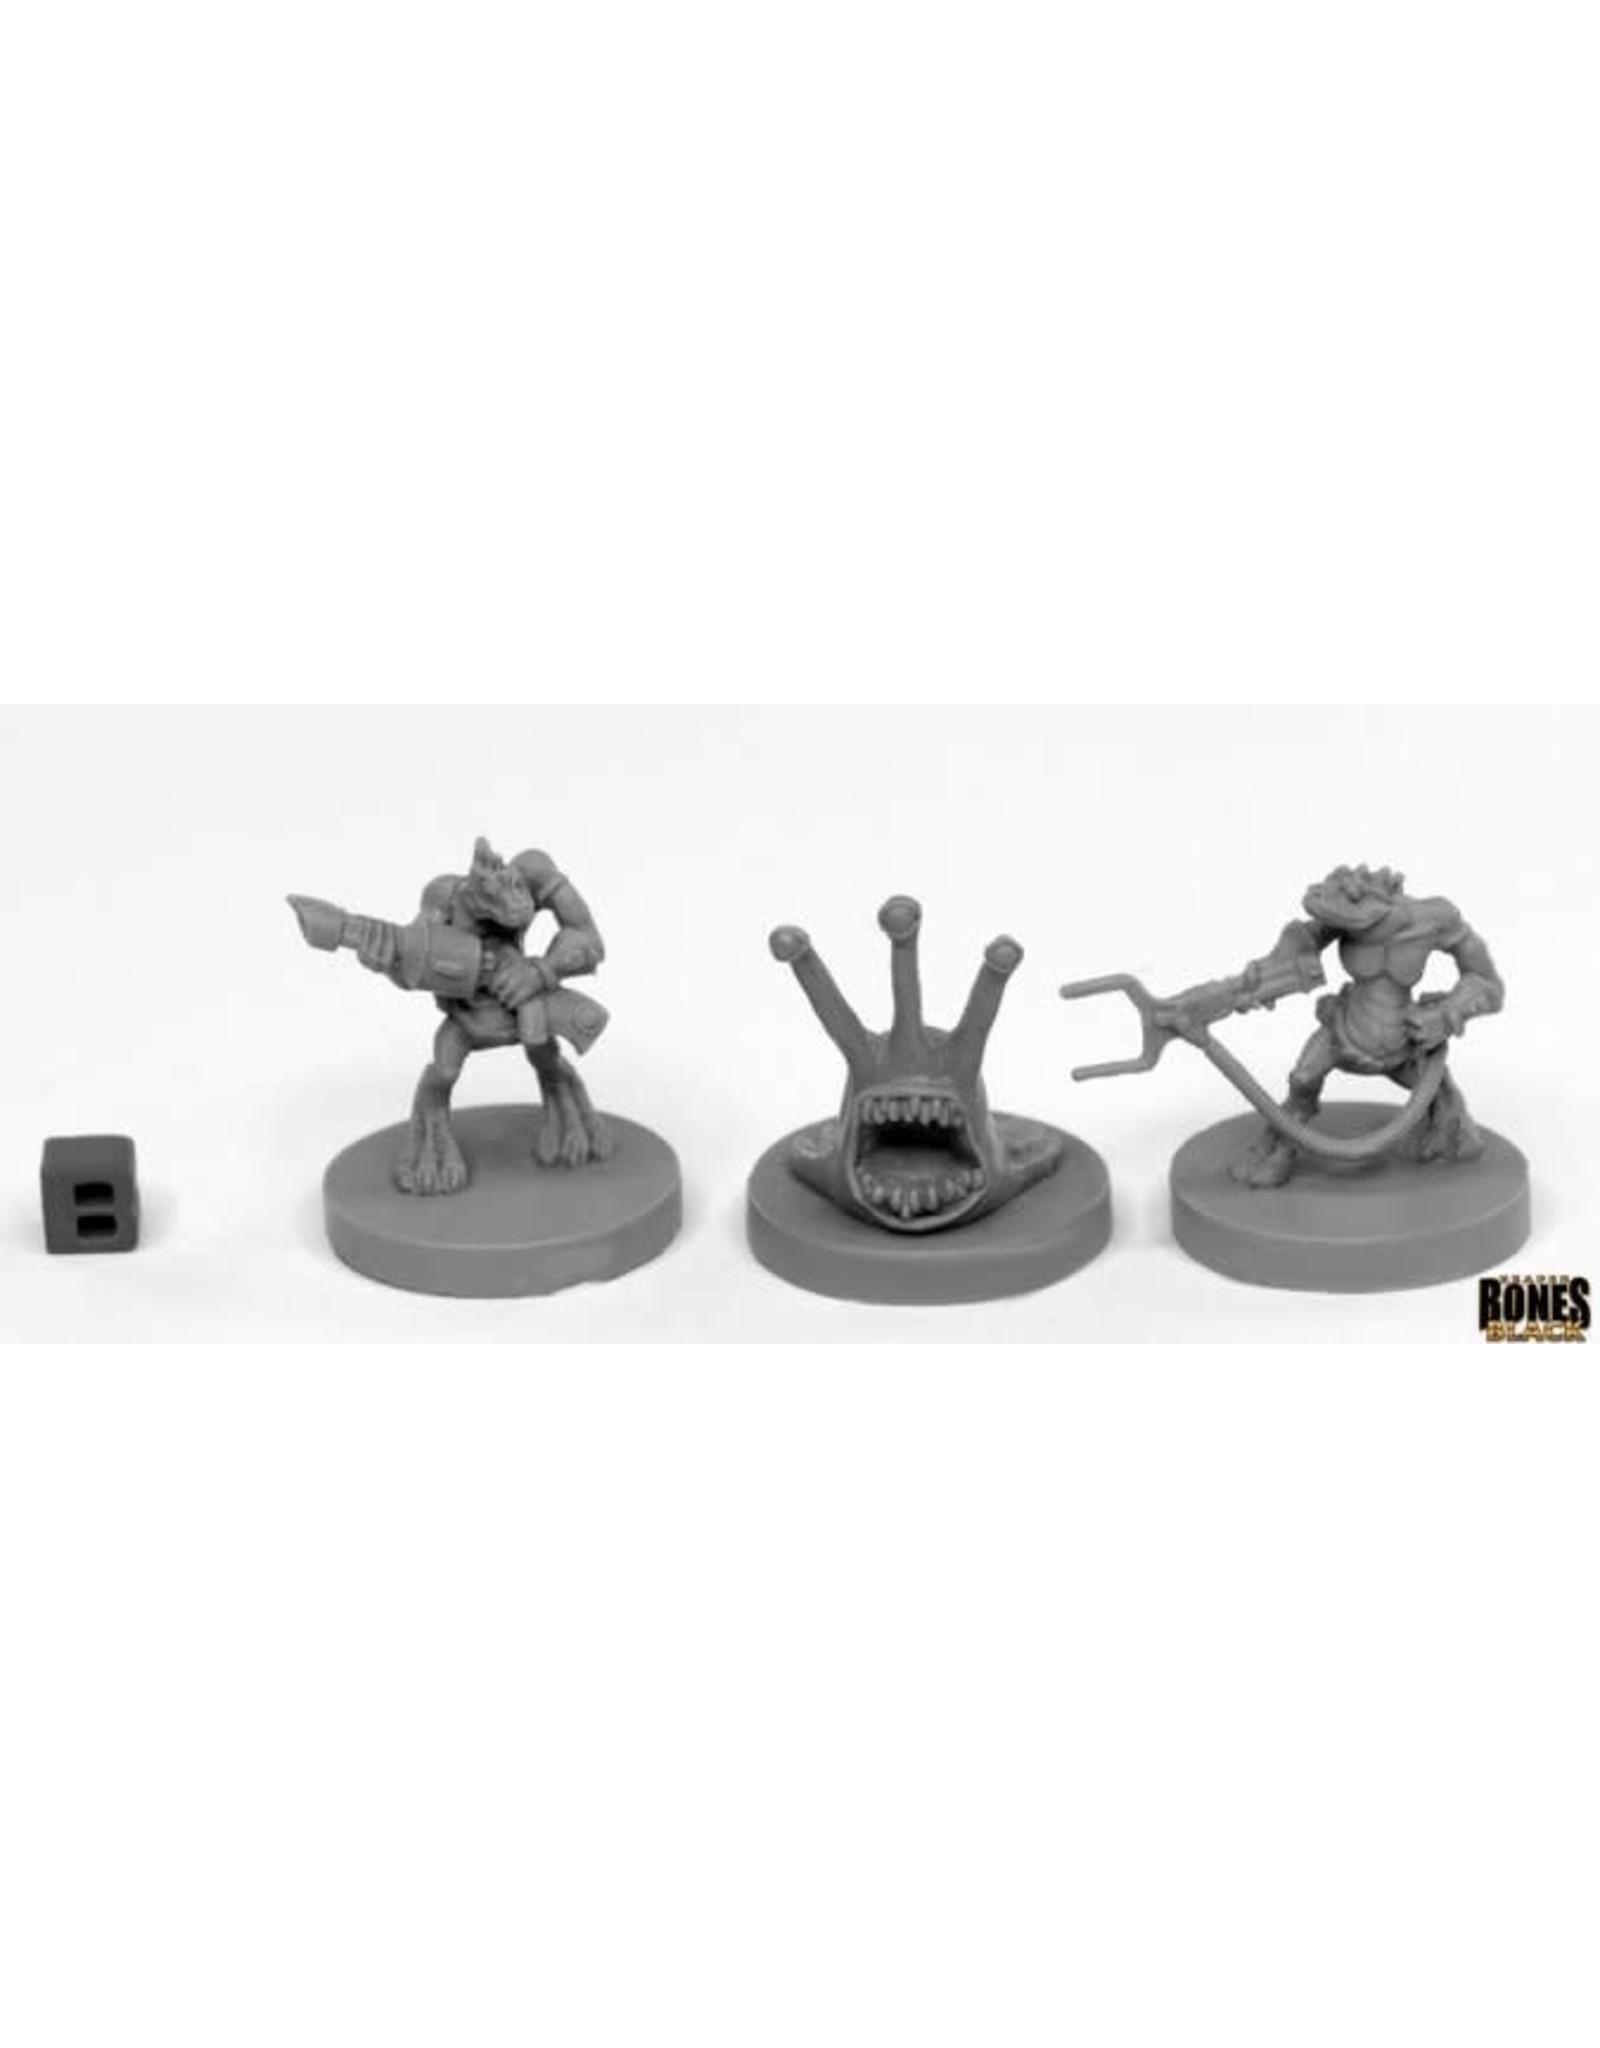 Reaper Miniatures Bones Black: Sliggs and Squarg